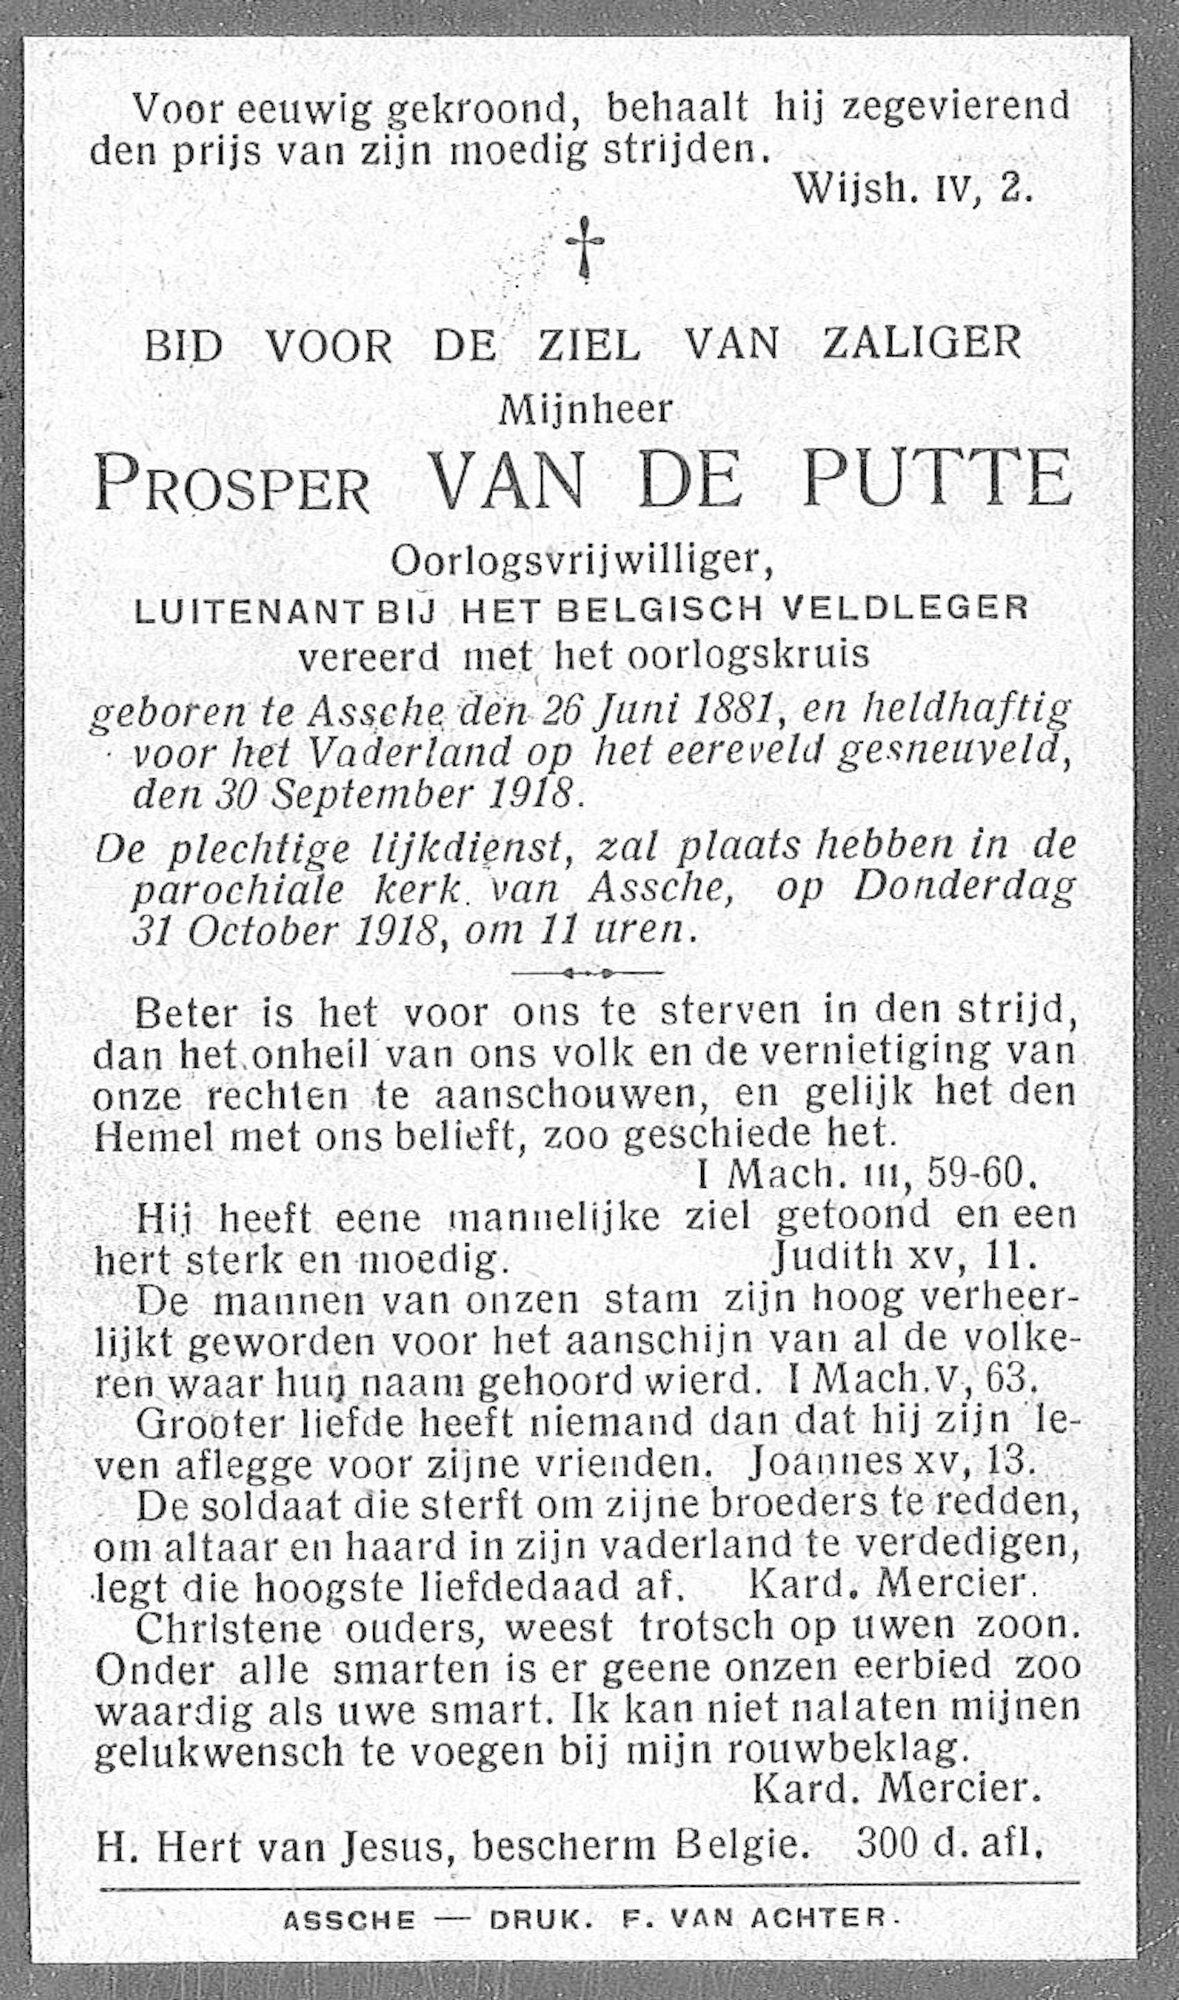 Prosper Van De Putte